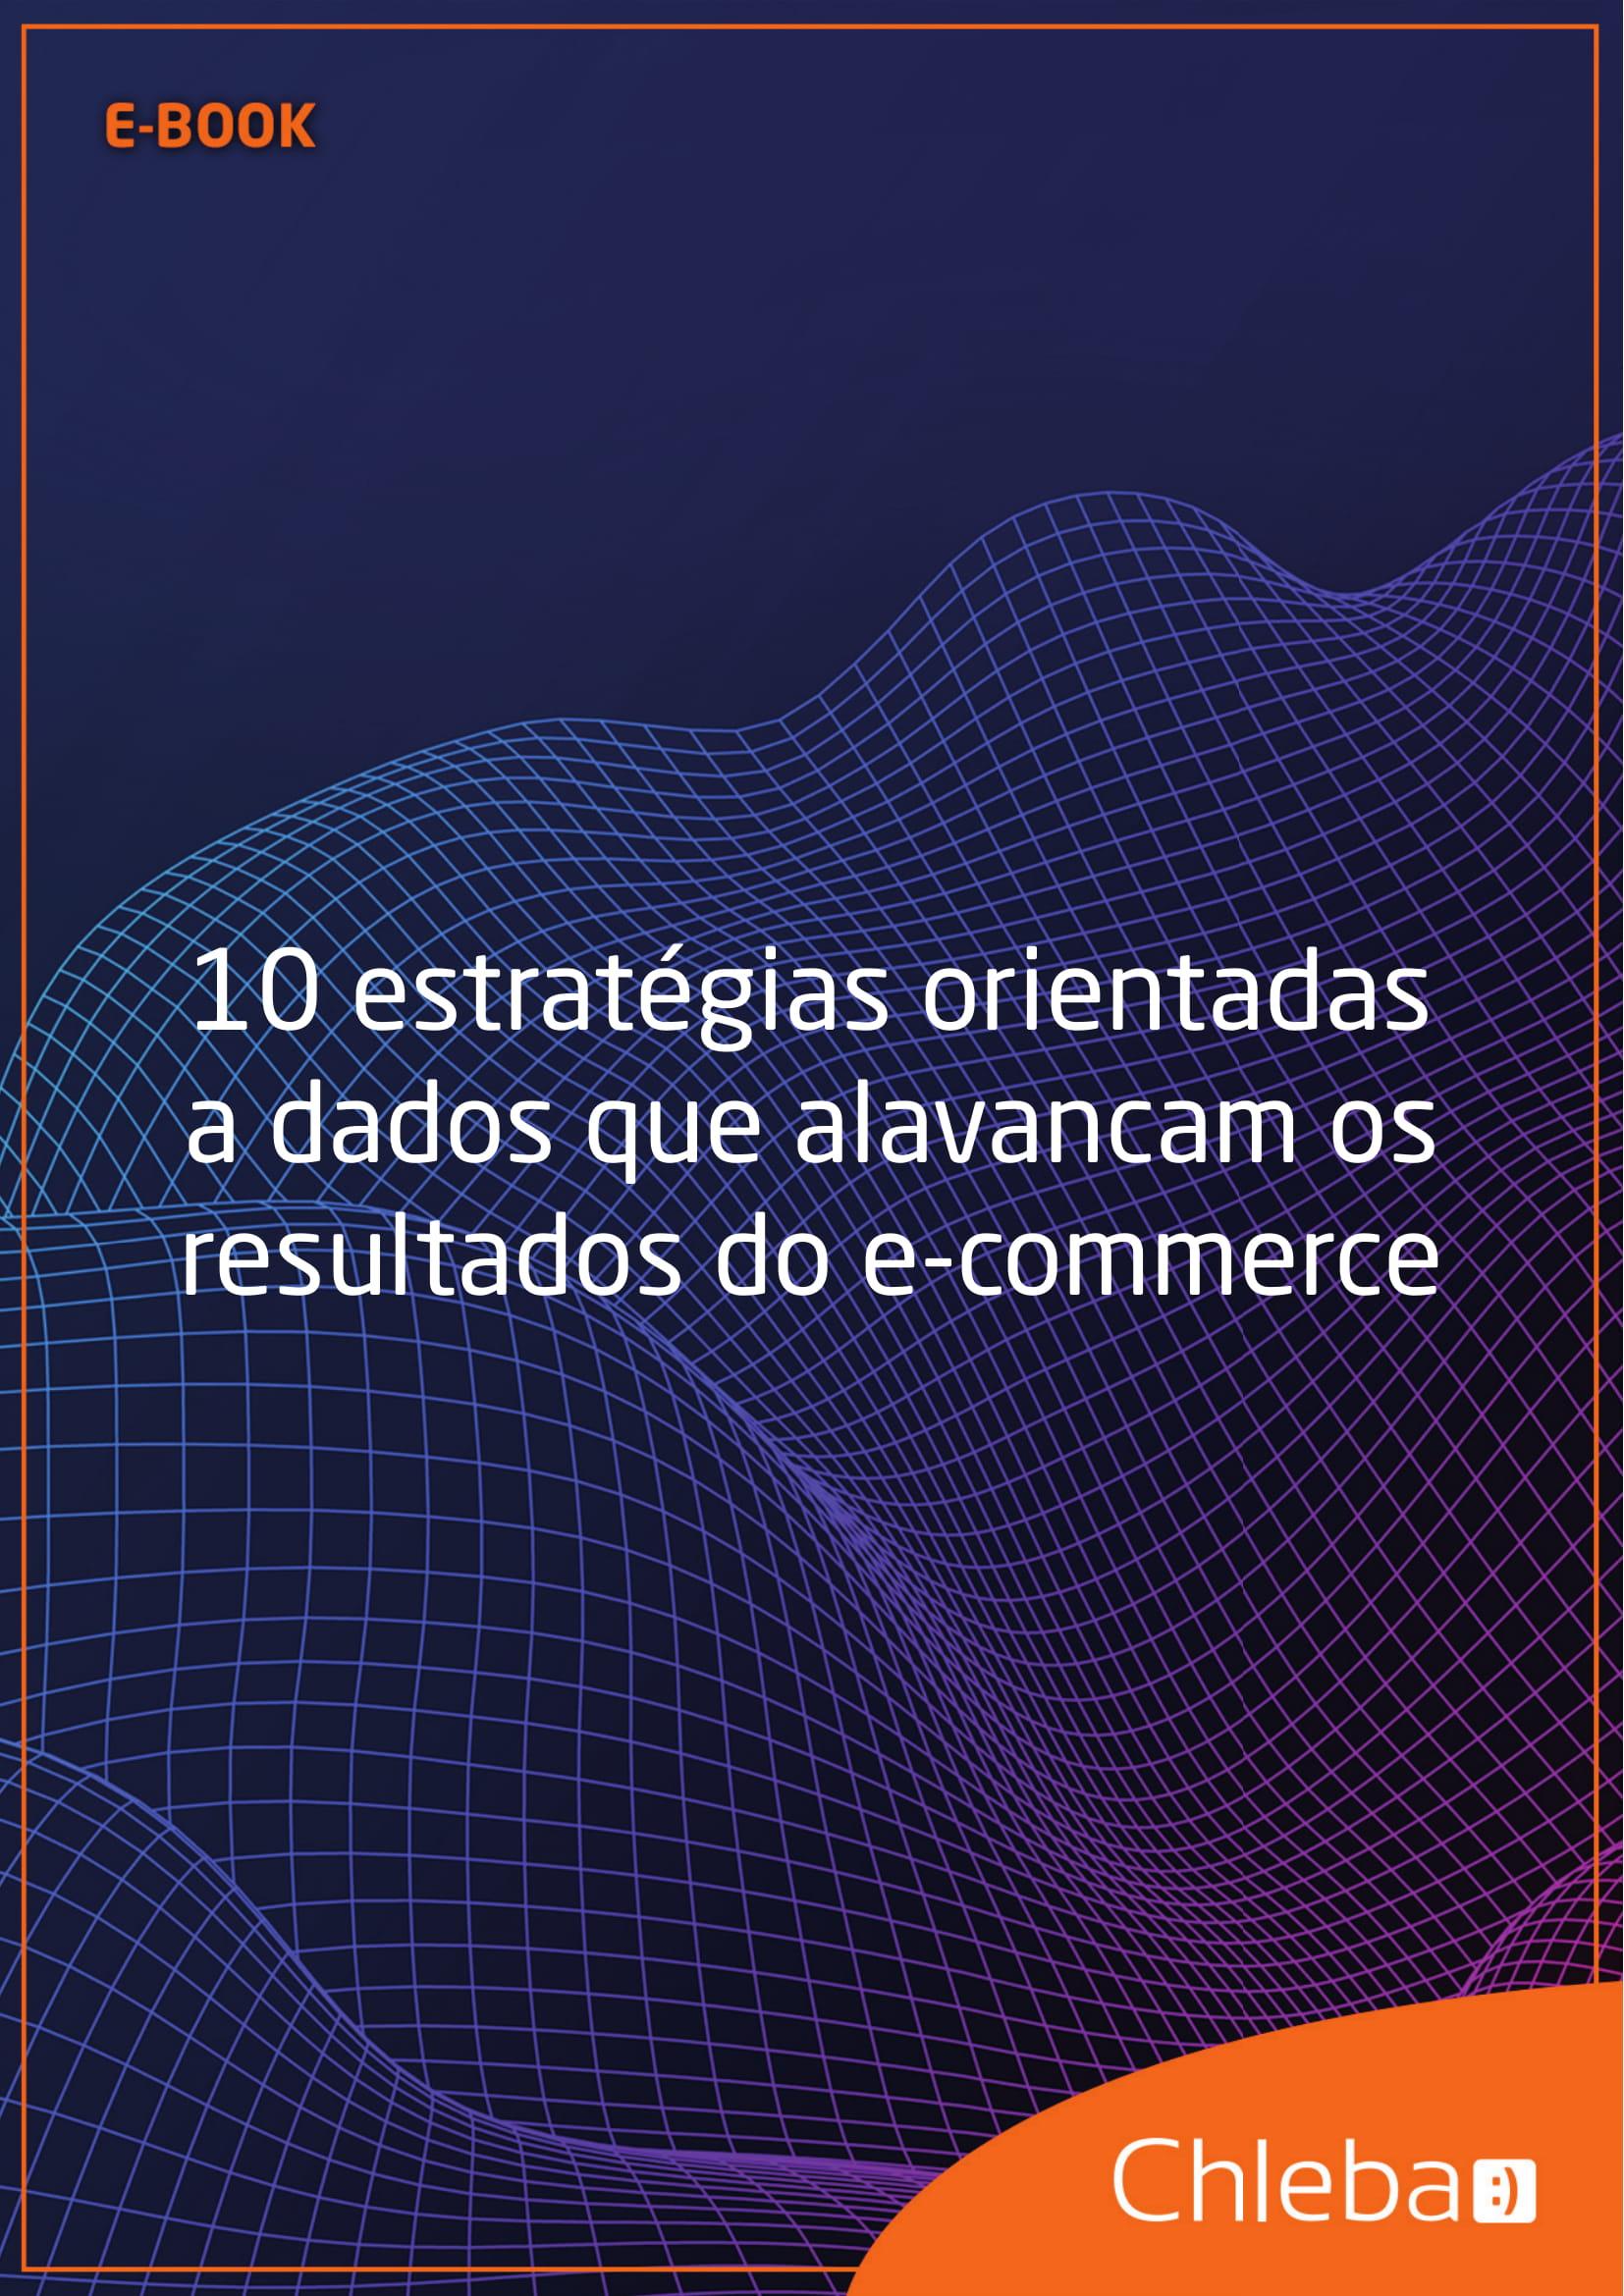 10 estratégias orientadas a dados que alavancam os resultados do e-commerce